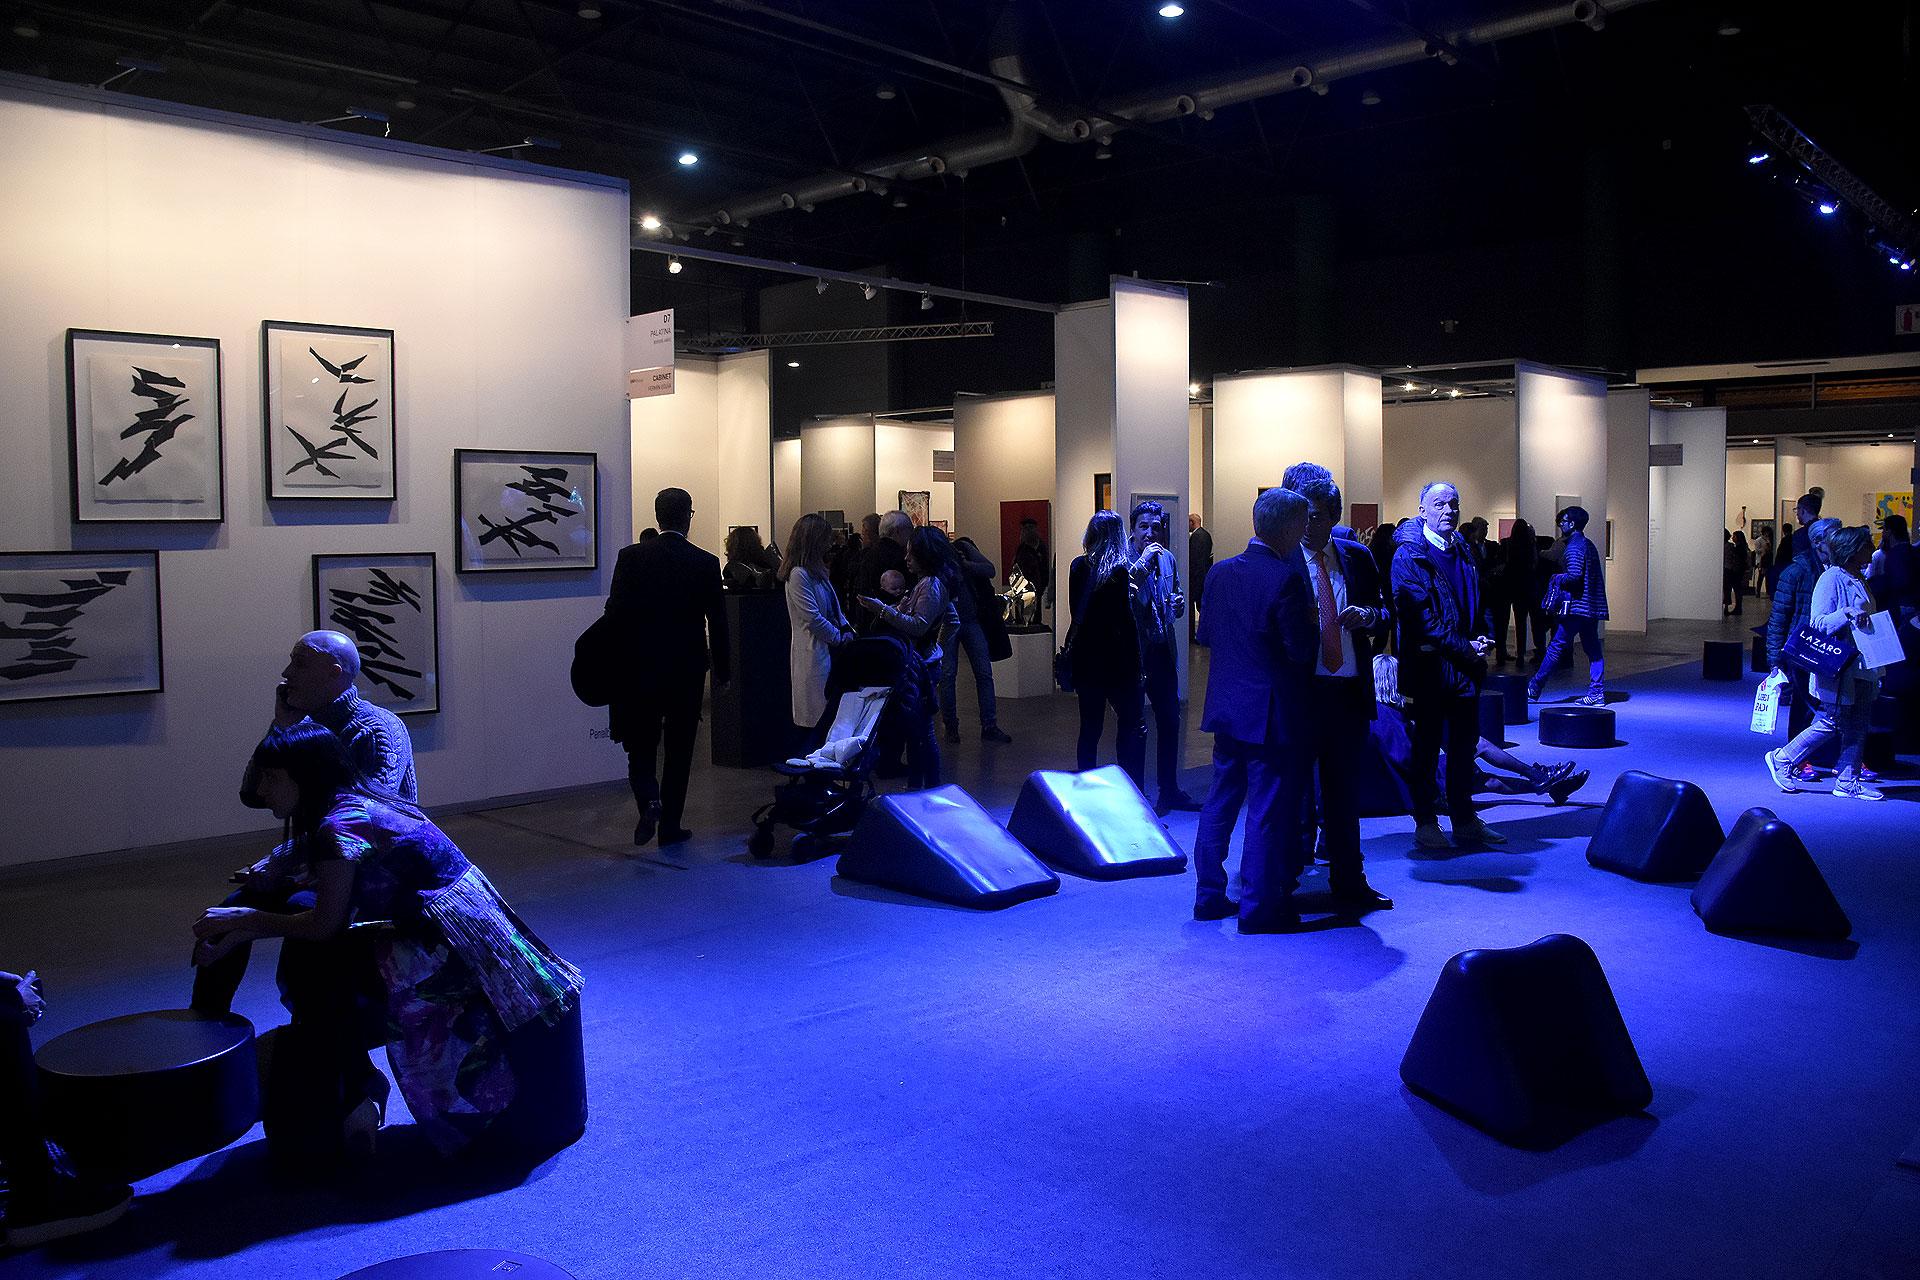 Con más de un 50% de galerías del exterior y una extensa convocatoria de profesionales y coleccionistas, arteBA se posiciona en la agenda internacional como un evento clave para generar redes, intercambios y colaboraciones